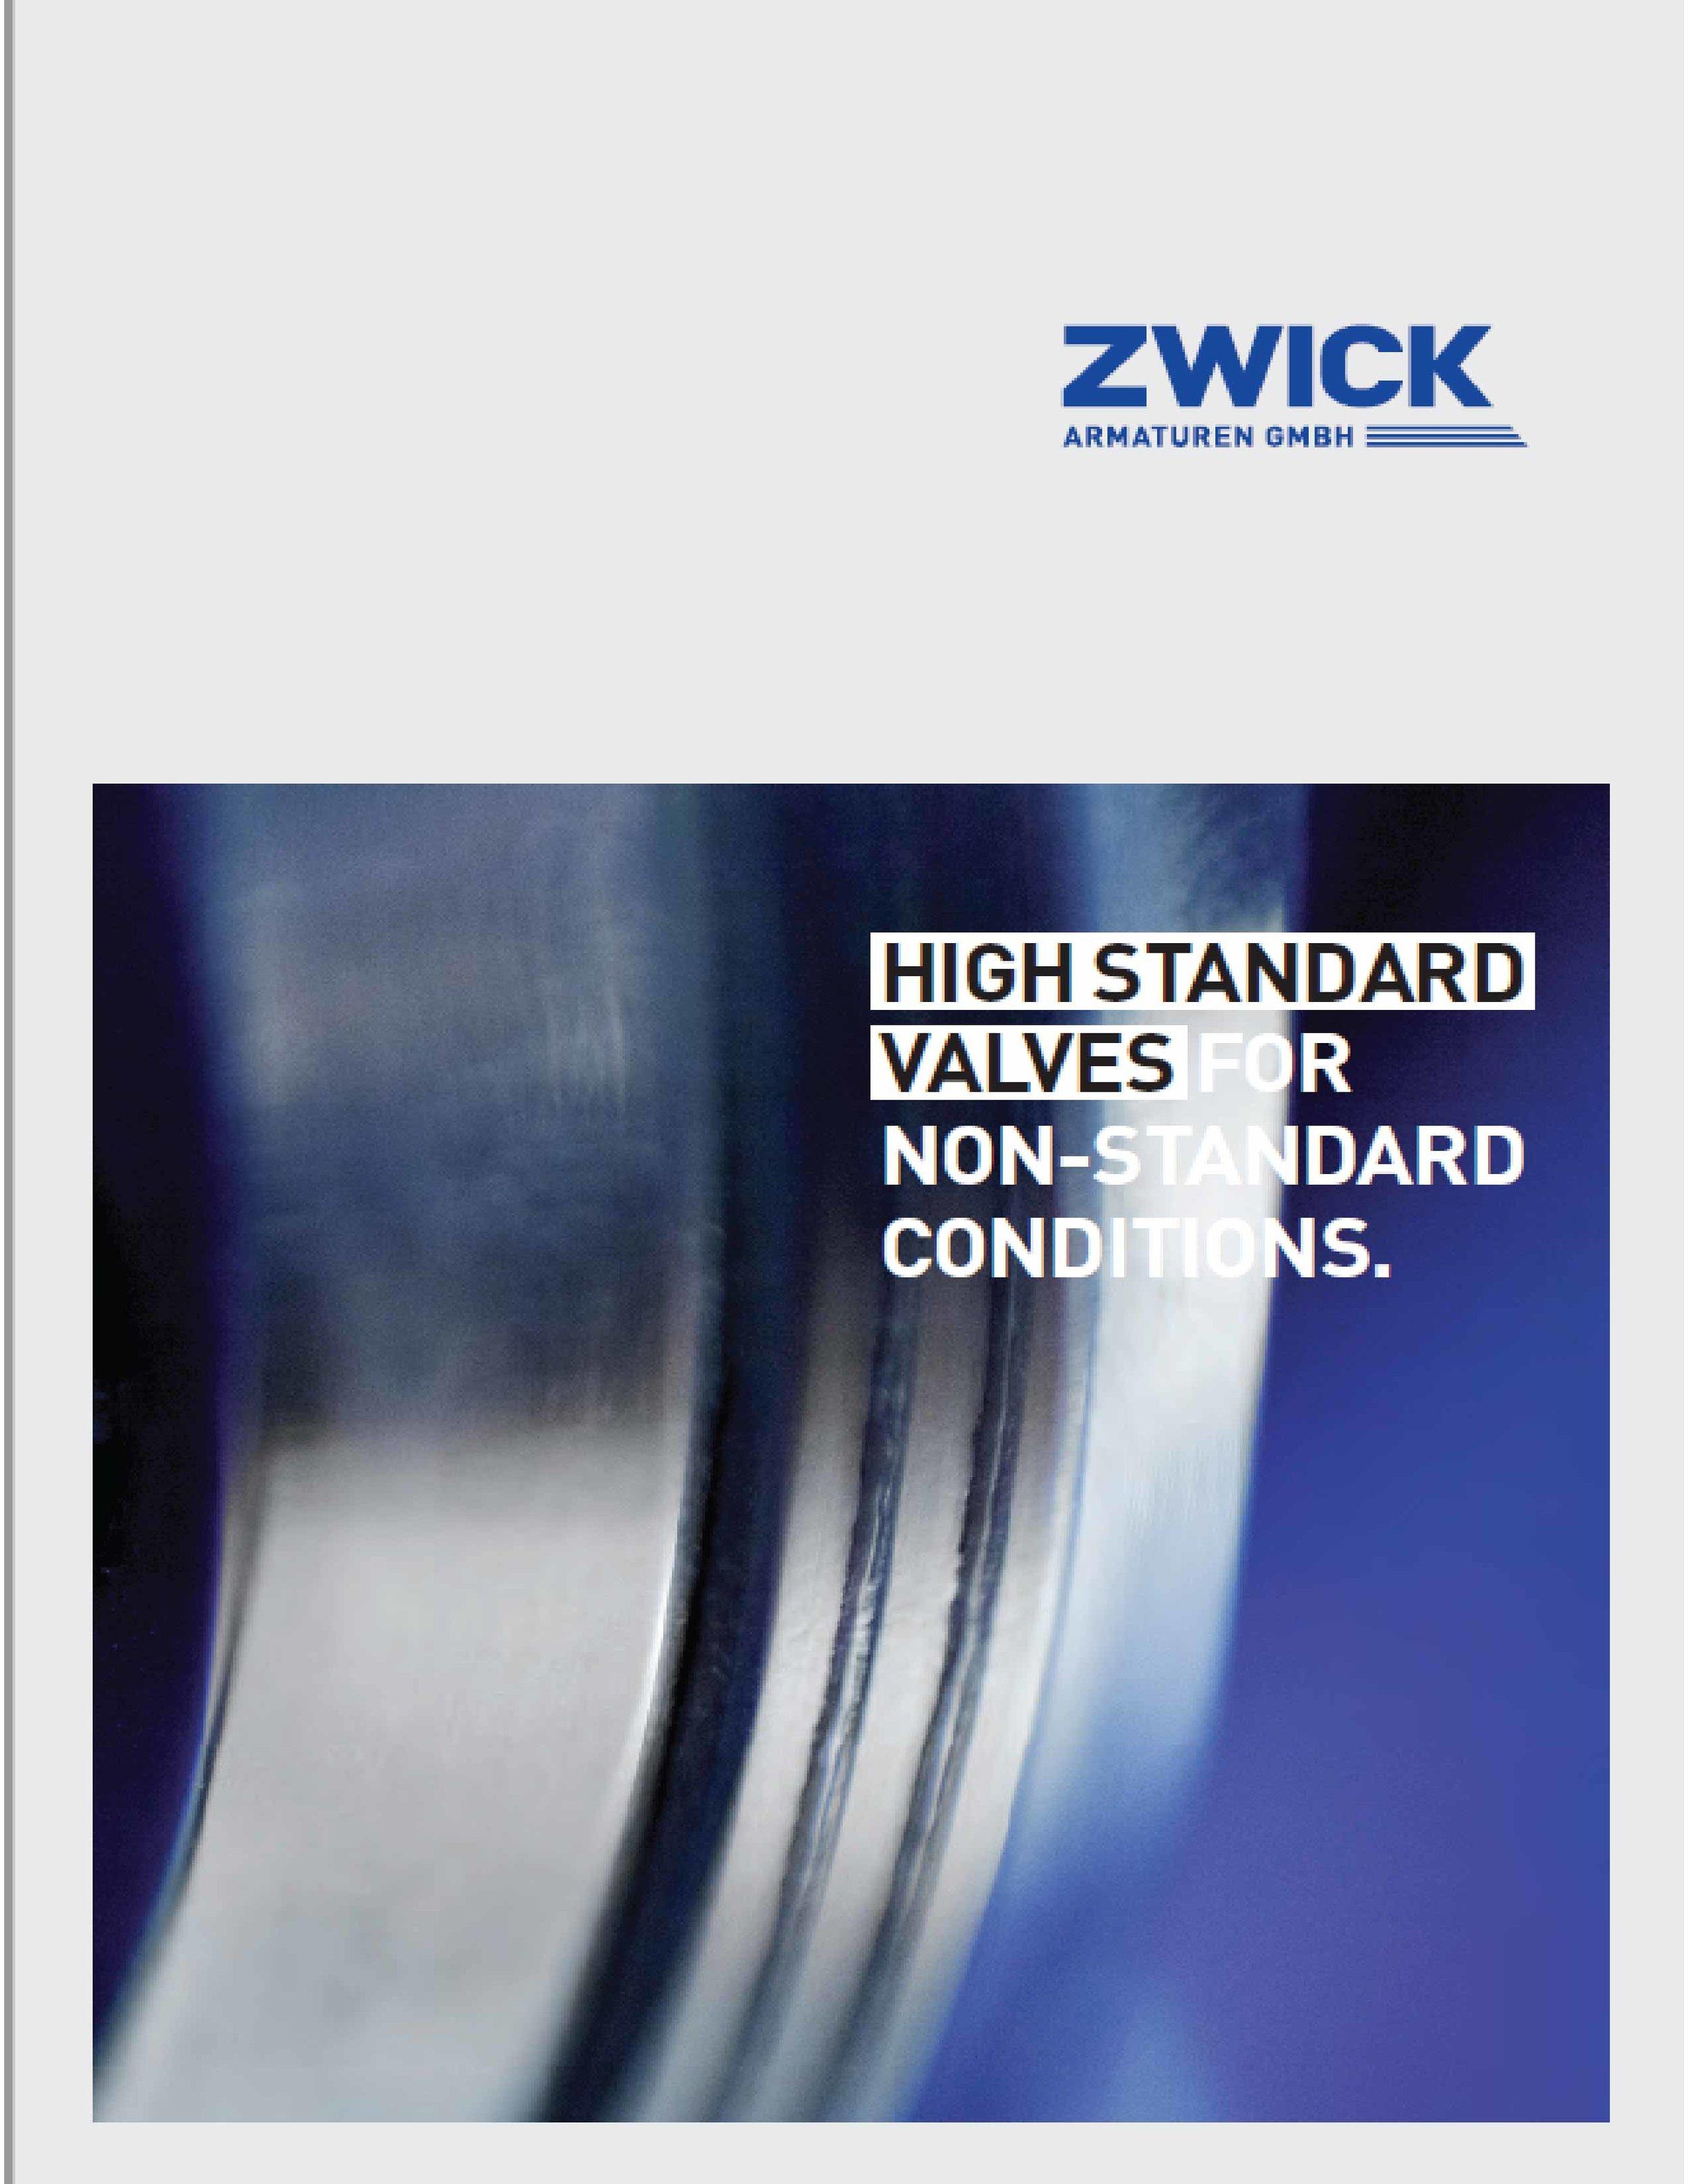 Zwick_butterfly-brochure-01.jpg